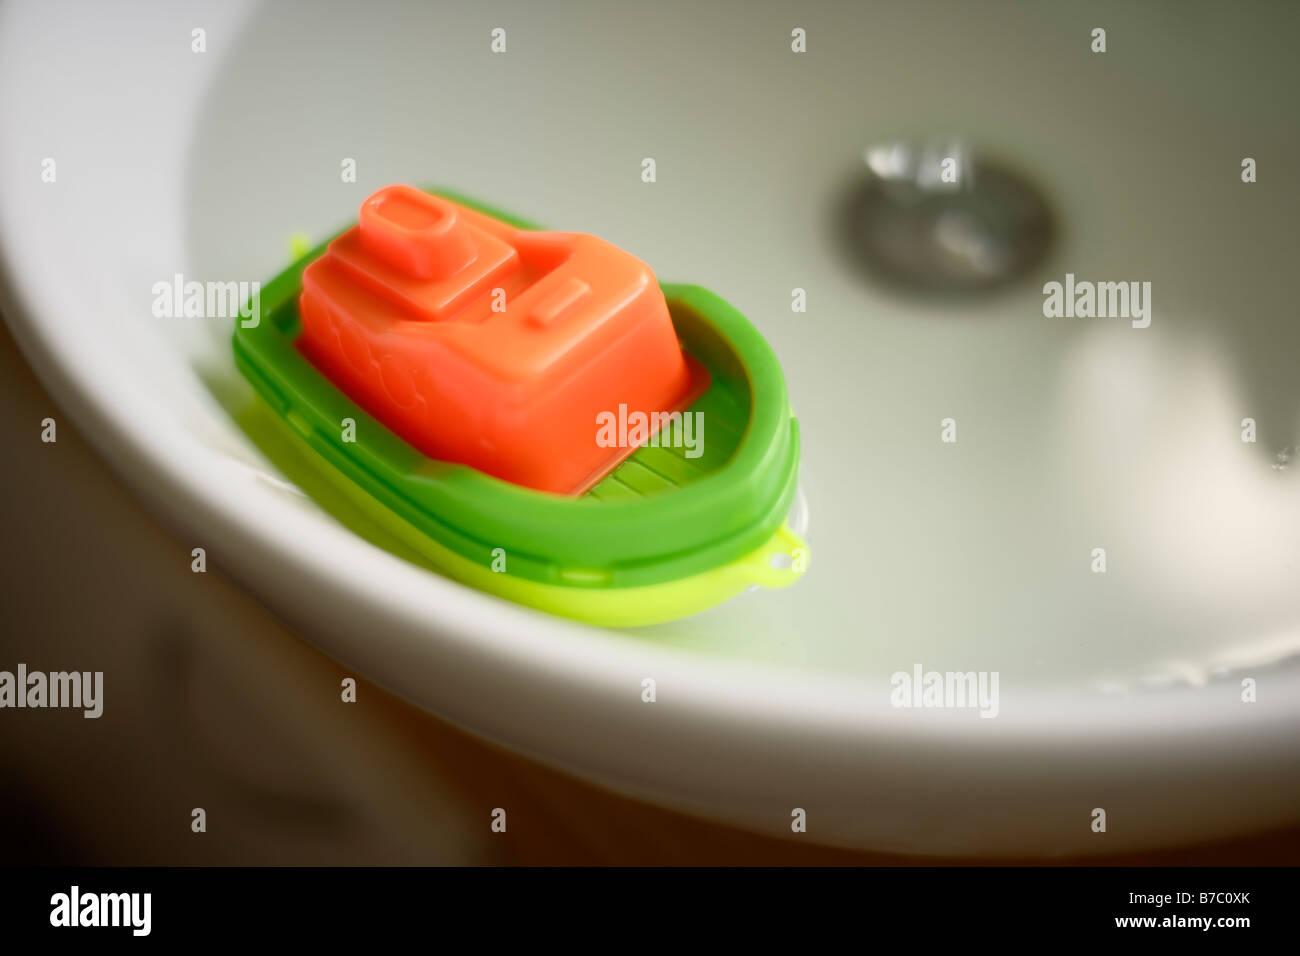 Jouet pour enfant bateau en plastique dans un évier plein d'eau Photo Stock